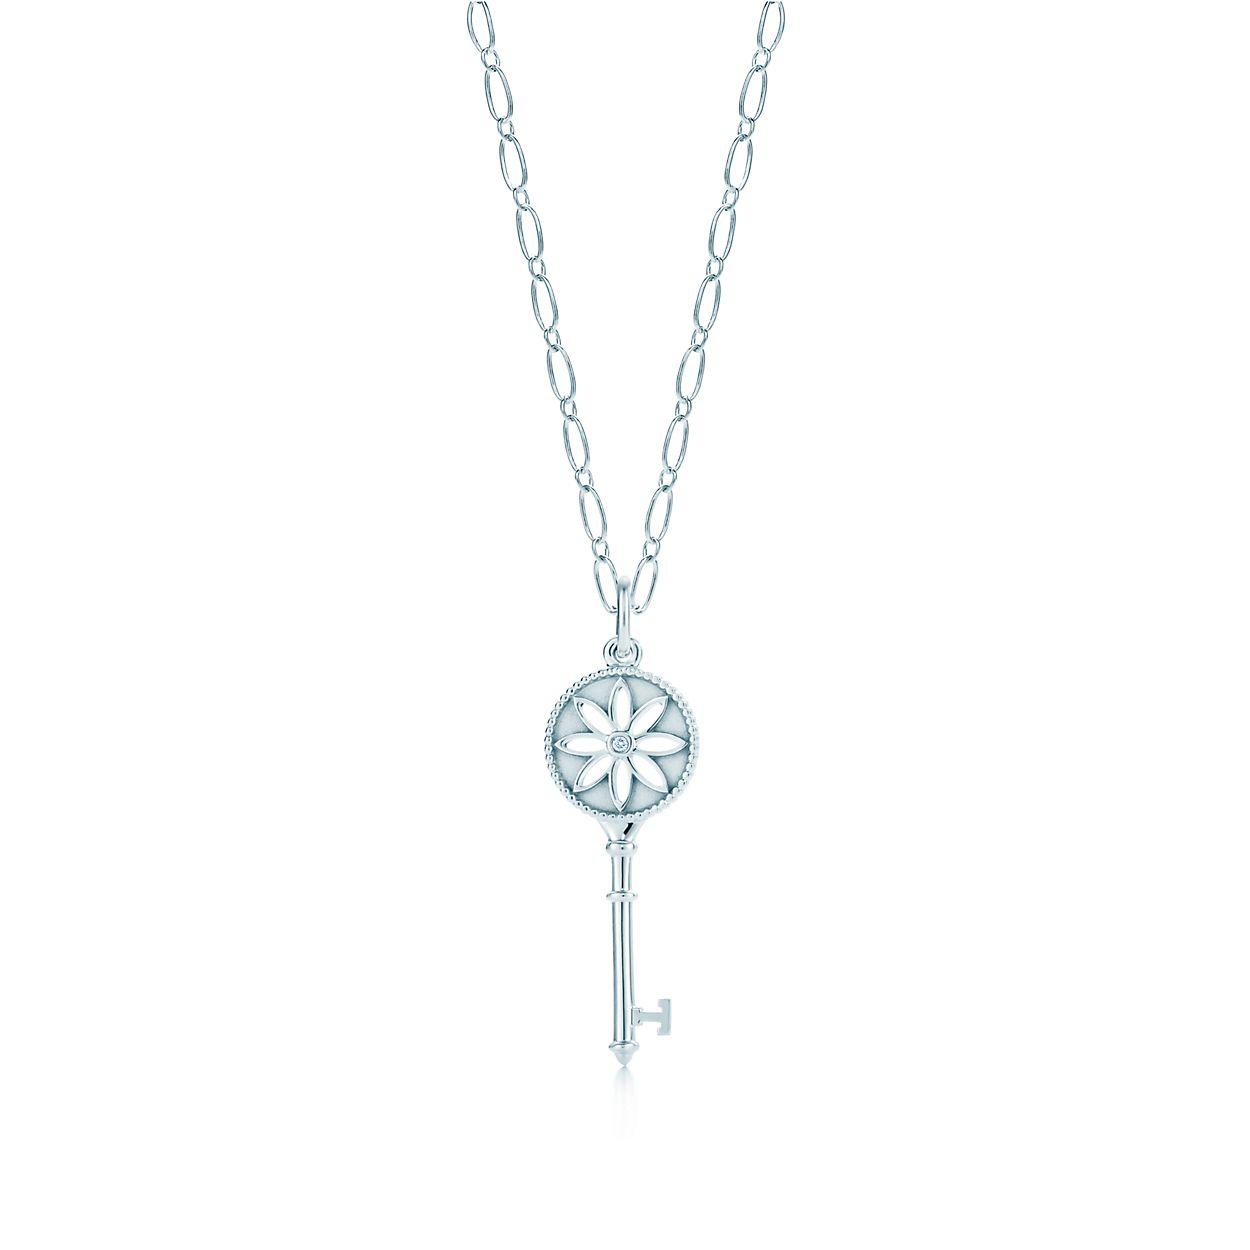 Tiffany keys daisy key pendant in silver with a diamond on an oval tiffany keysdaisy key pendant tiffany keysdaisy key pendant aloadofball Choice Image